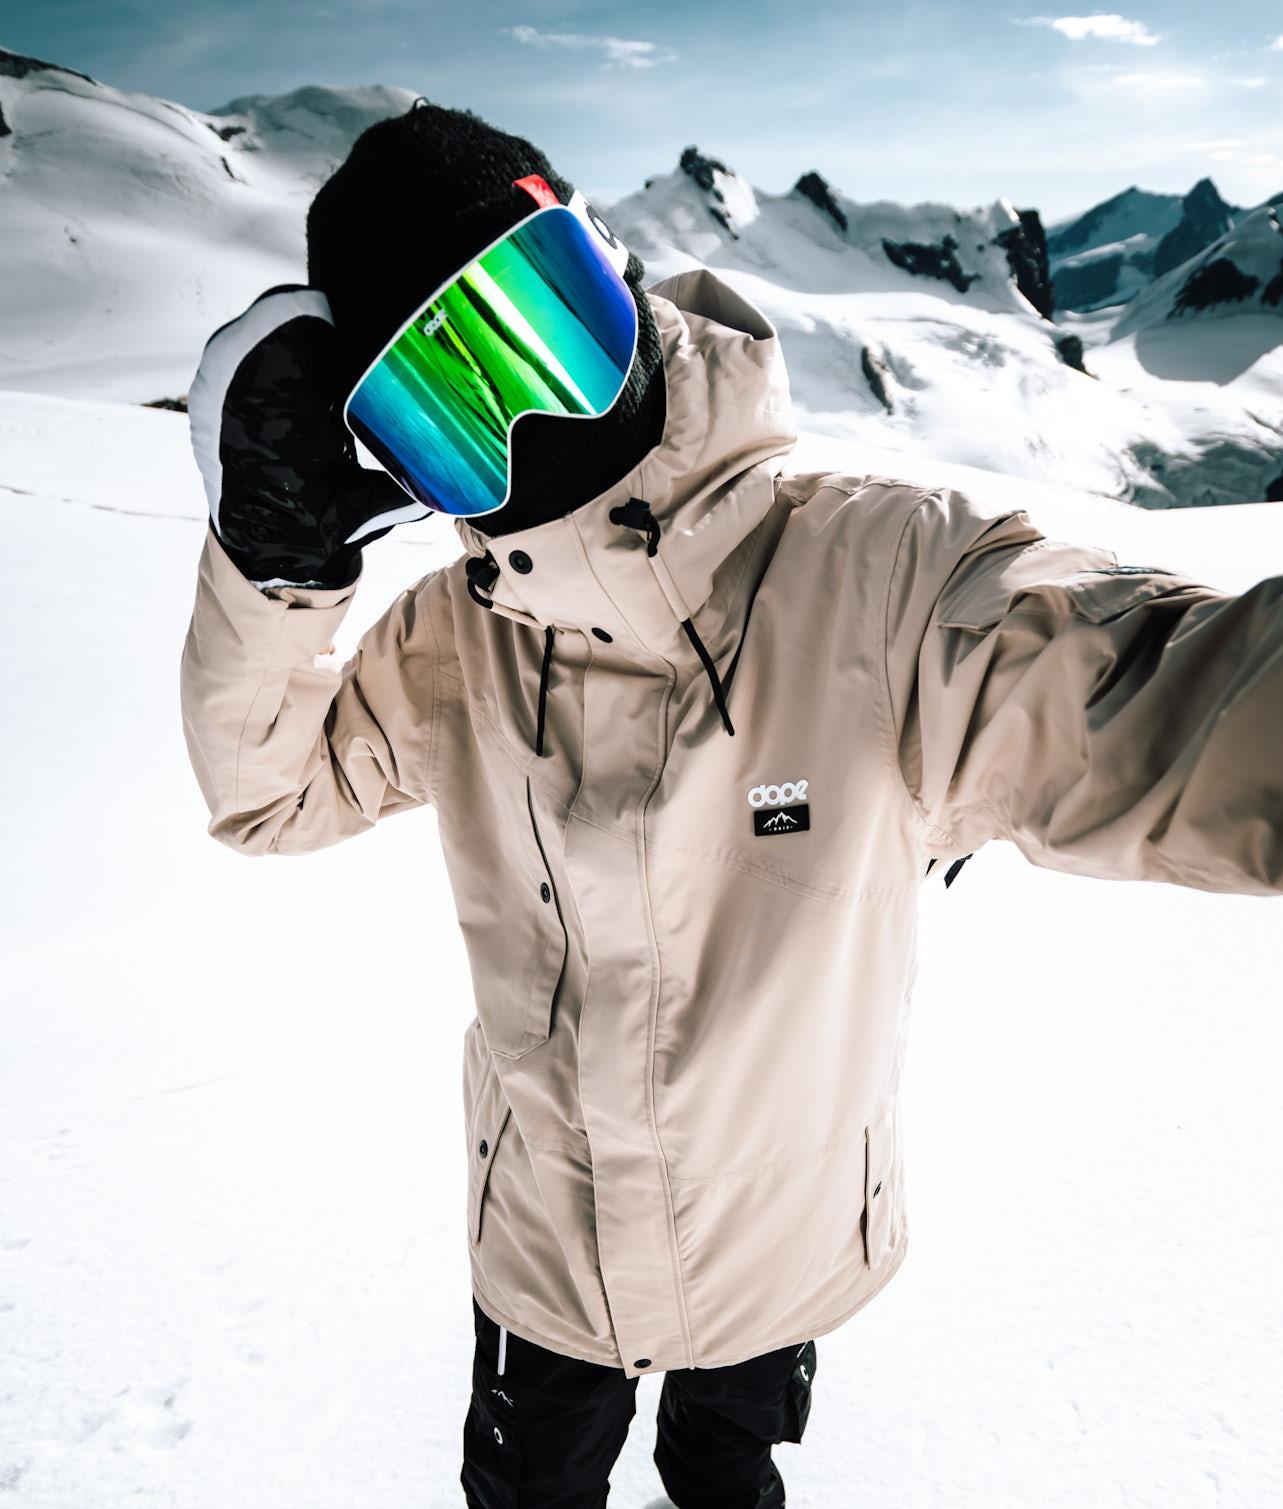 Kjøp Adept Skijakke fra Dope på Ridestore.no - Hos oss har du alltid fri frakt, fri retur og 30 dagers åpent kjøp!